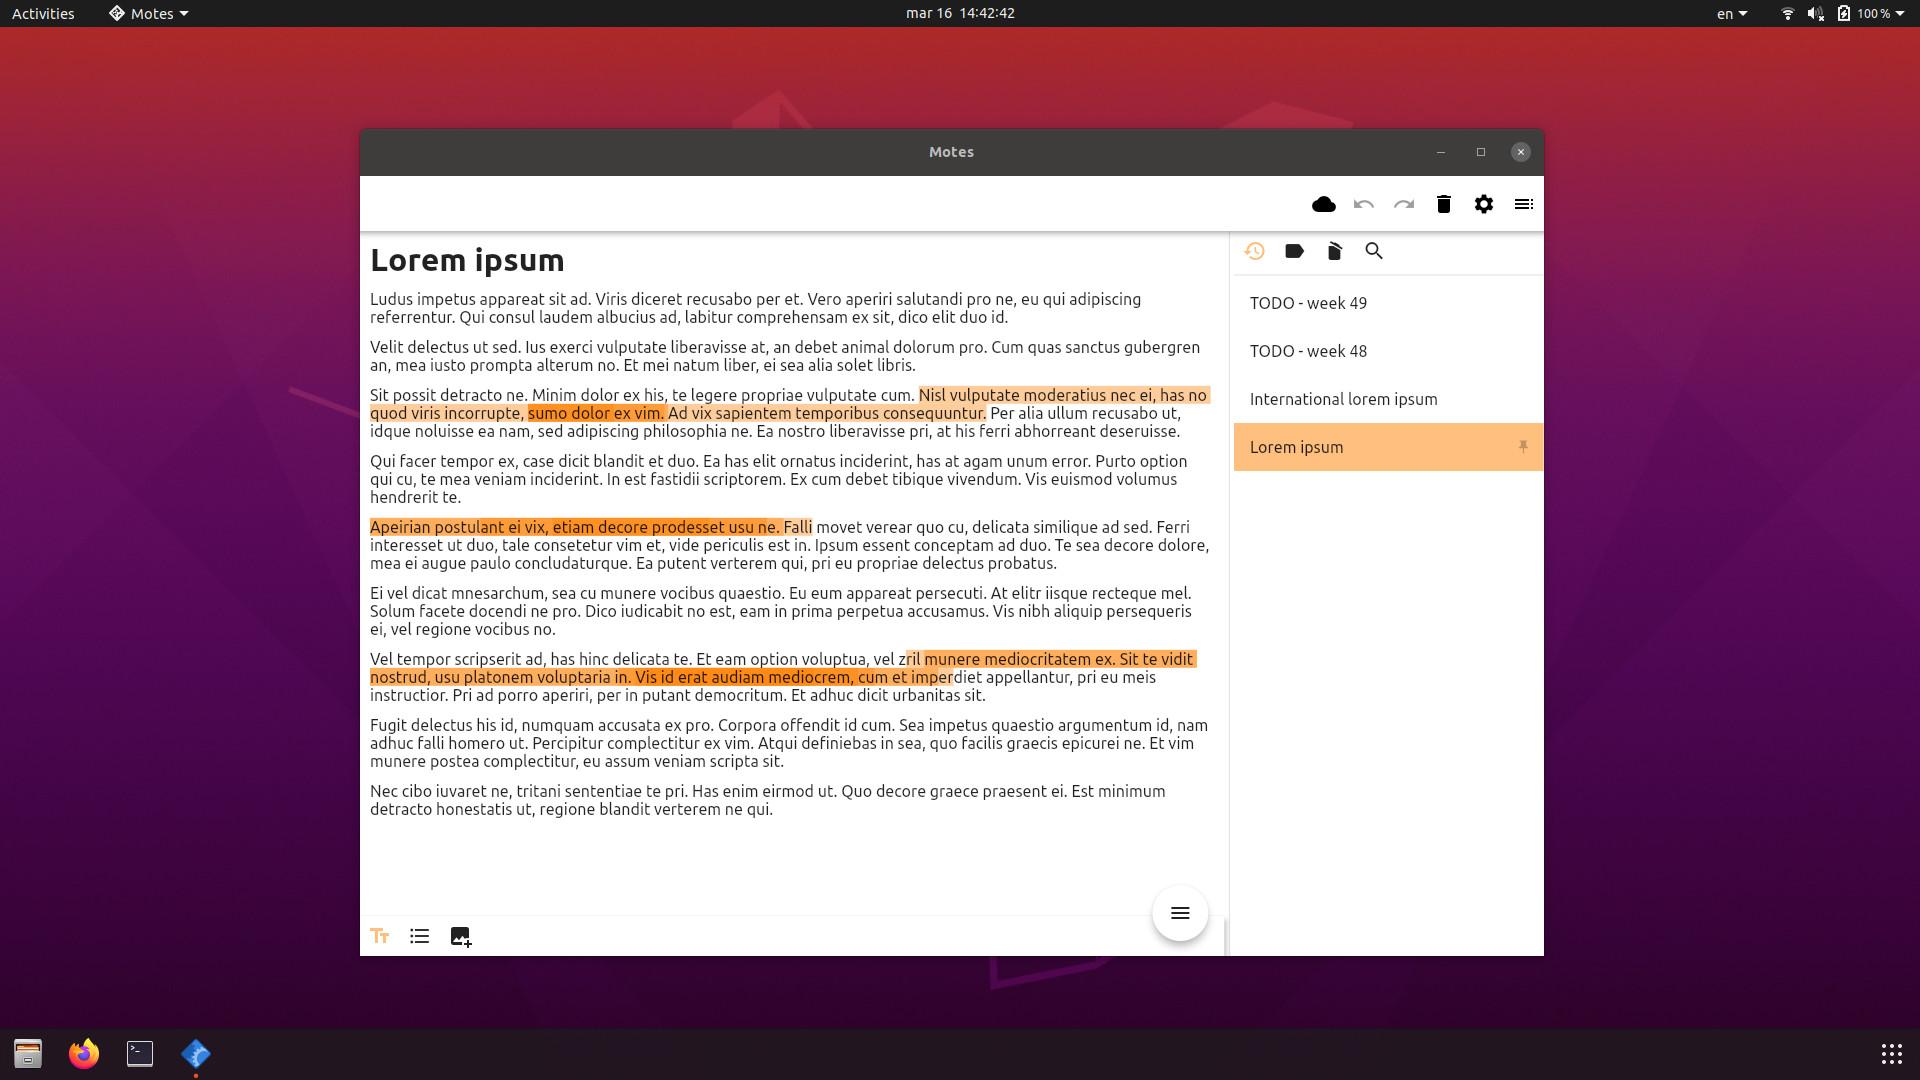 como-instalar-o-motes-um-bloco-de-notas-no-ubuntu-linux-mint-fedora-debian